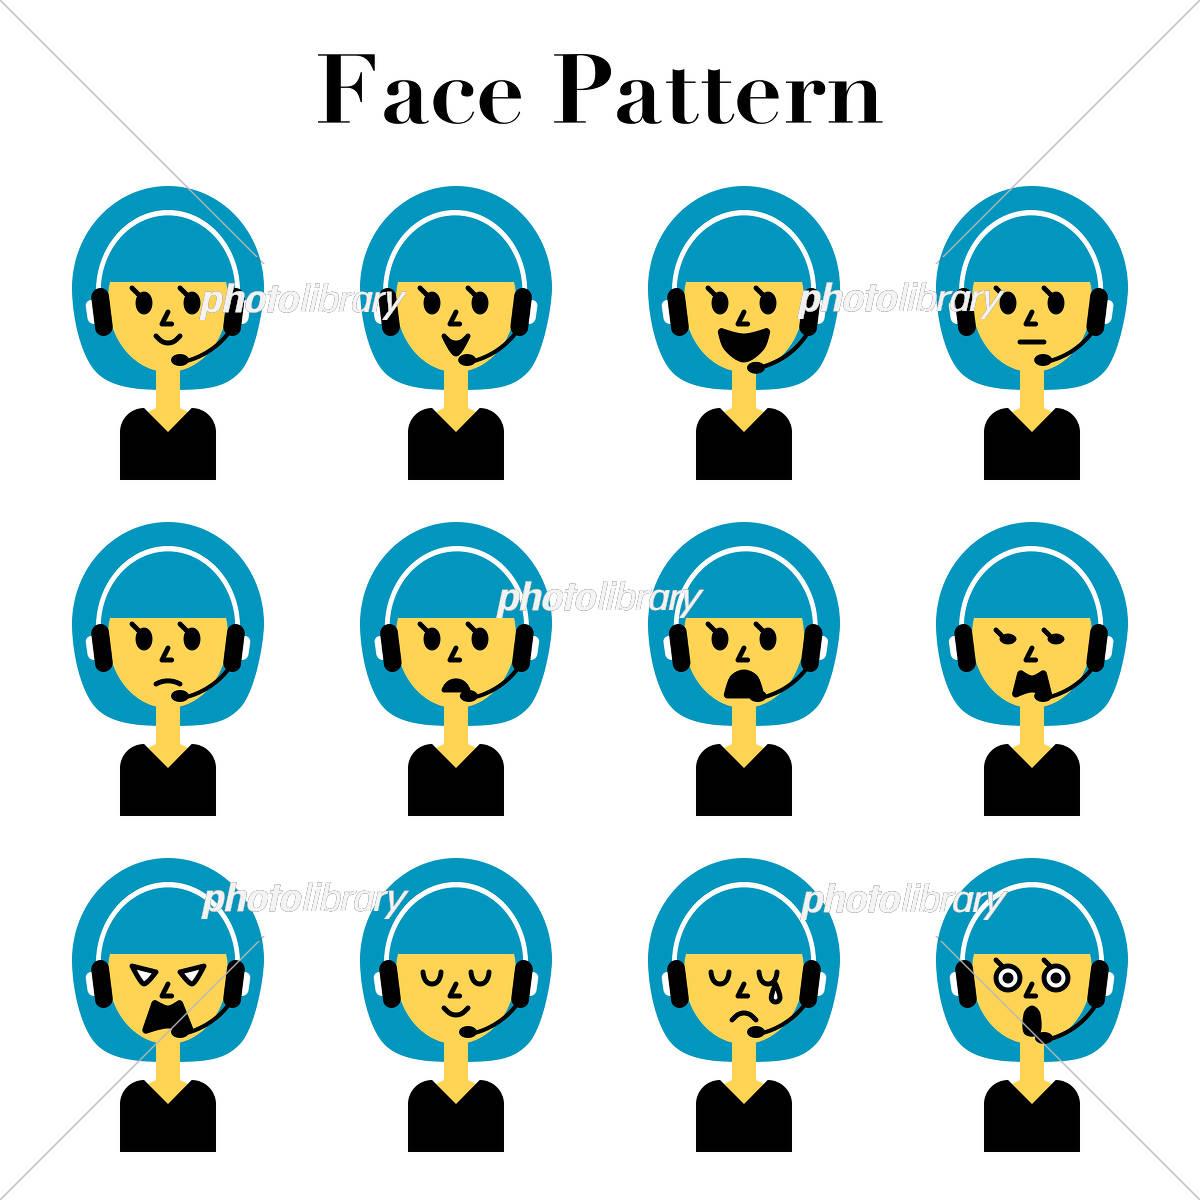 ボブカットの女性コールセンタースタッフのシンプルでかわいい顔の表情12